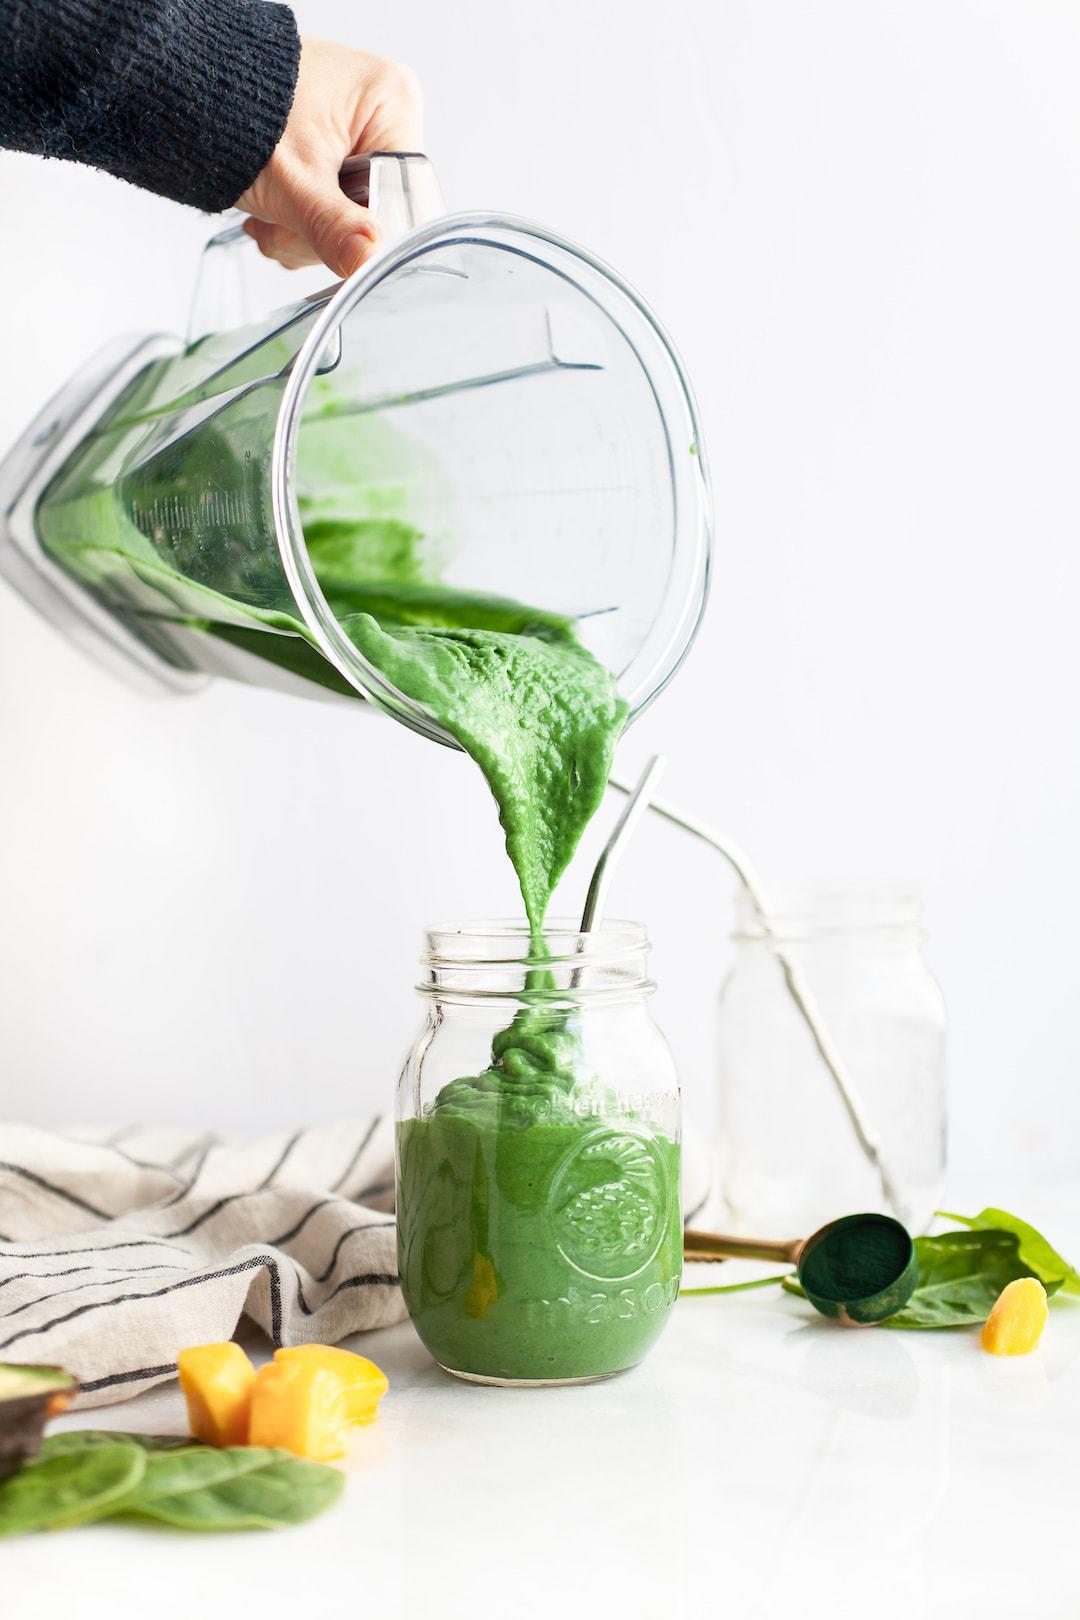 17 Low FODMAP Breakfast Ideas - Spirulina Smoothie